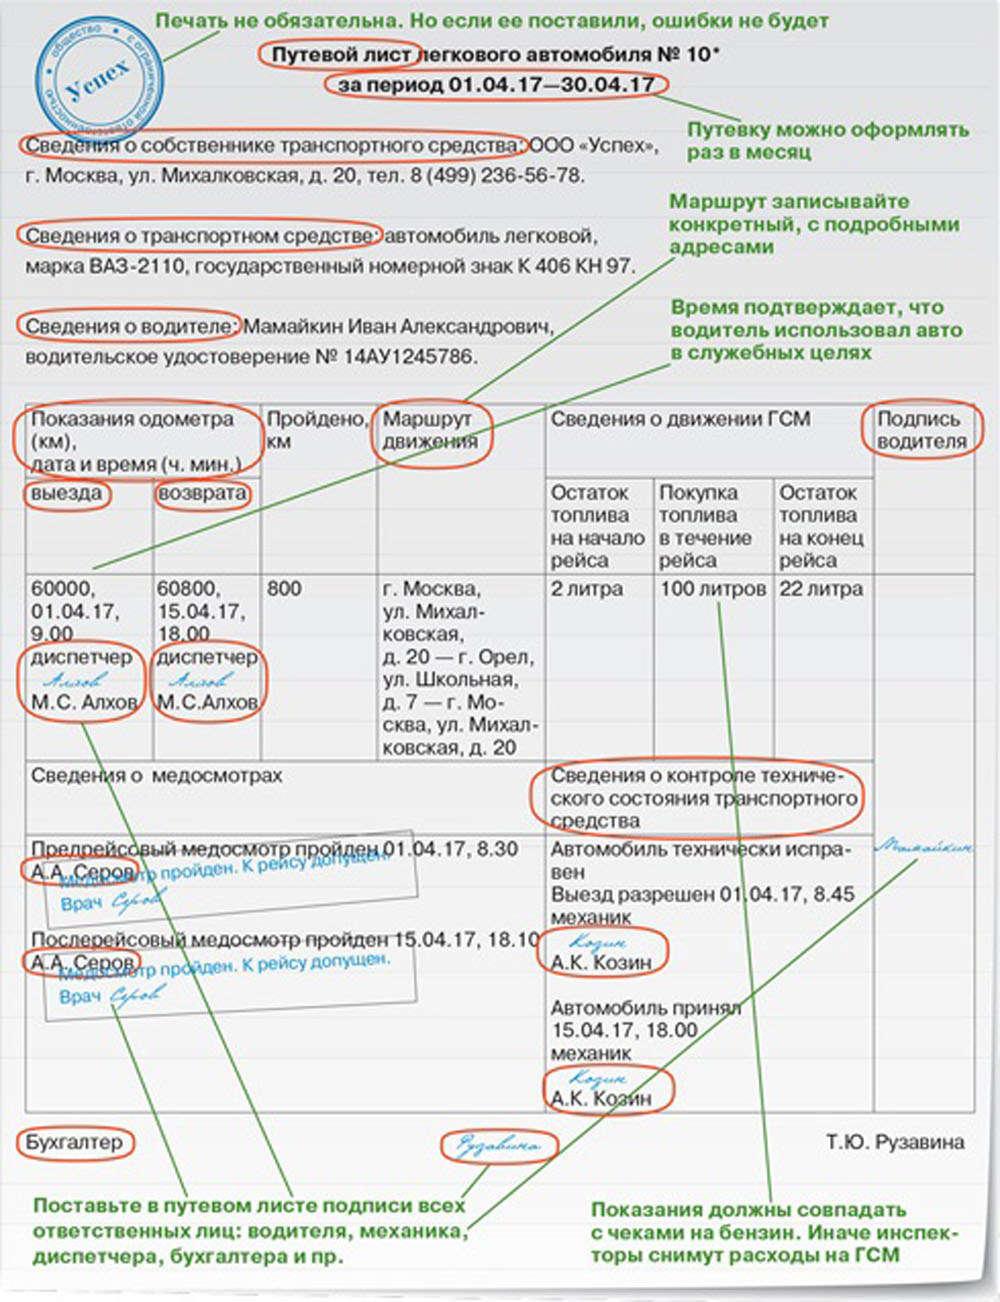 приказ минтранса 152 от 18.09.2008 путевой лист бланк